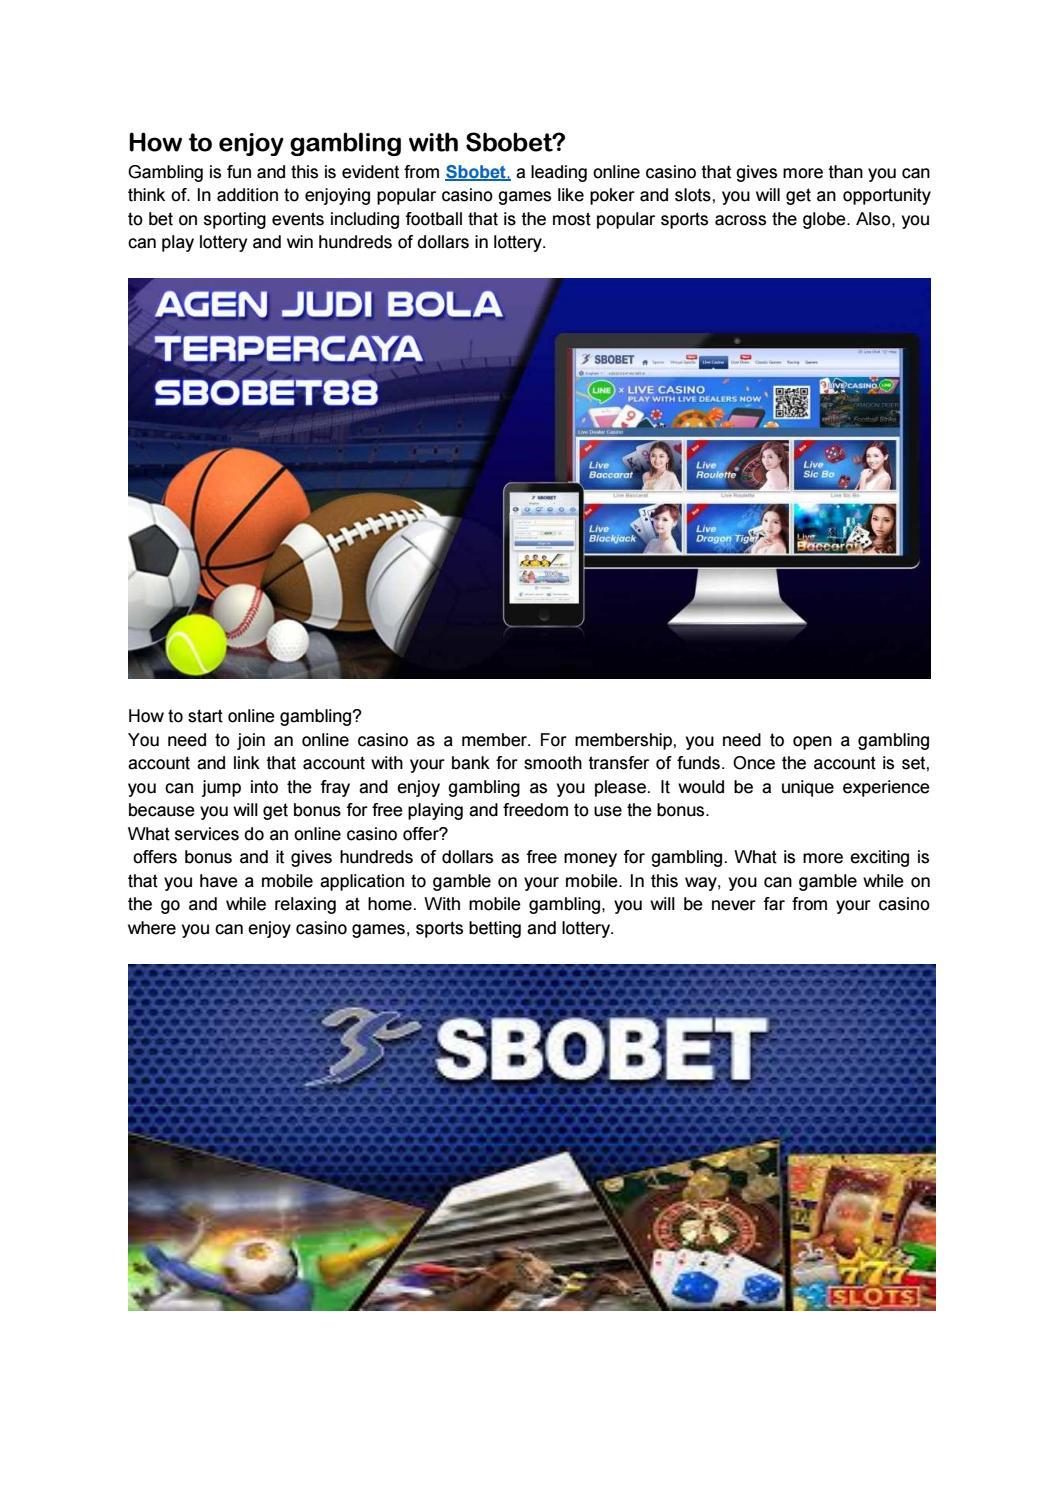 sportsbook offers